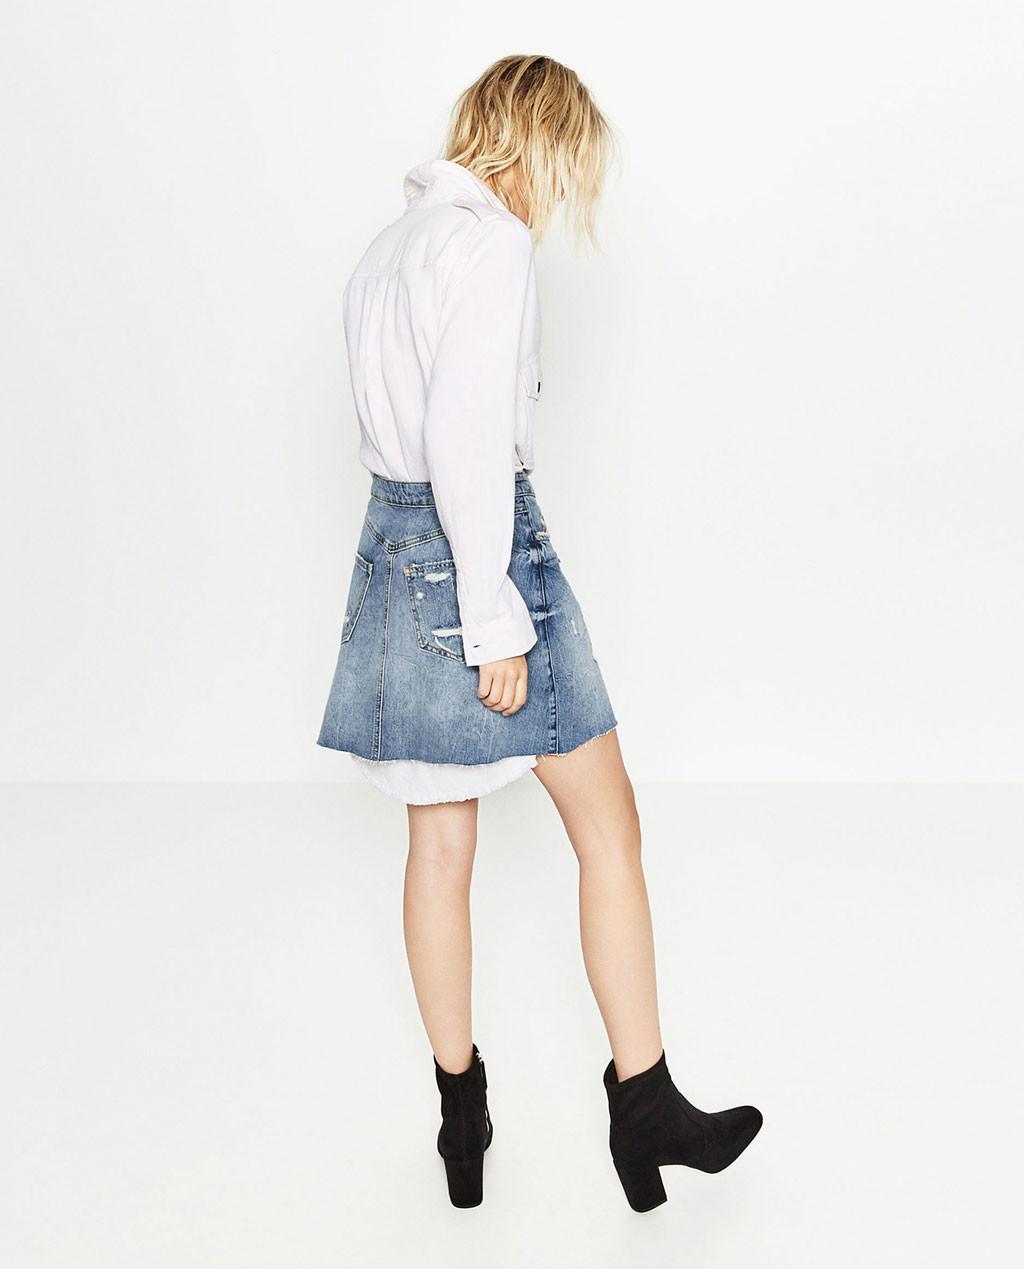 Boots hitam. (Image: zara.com)